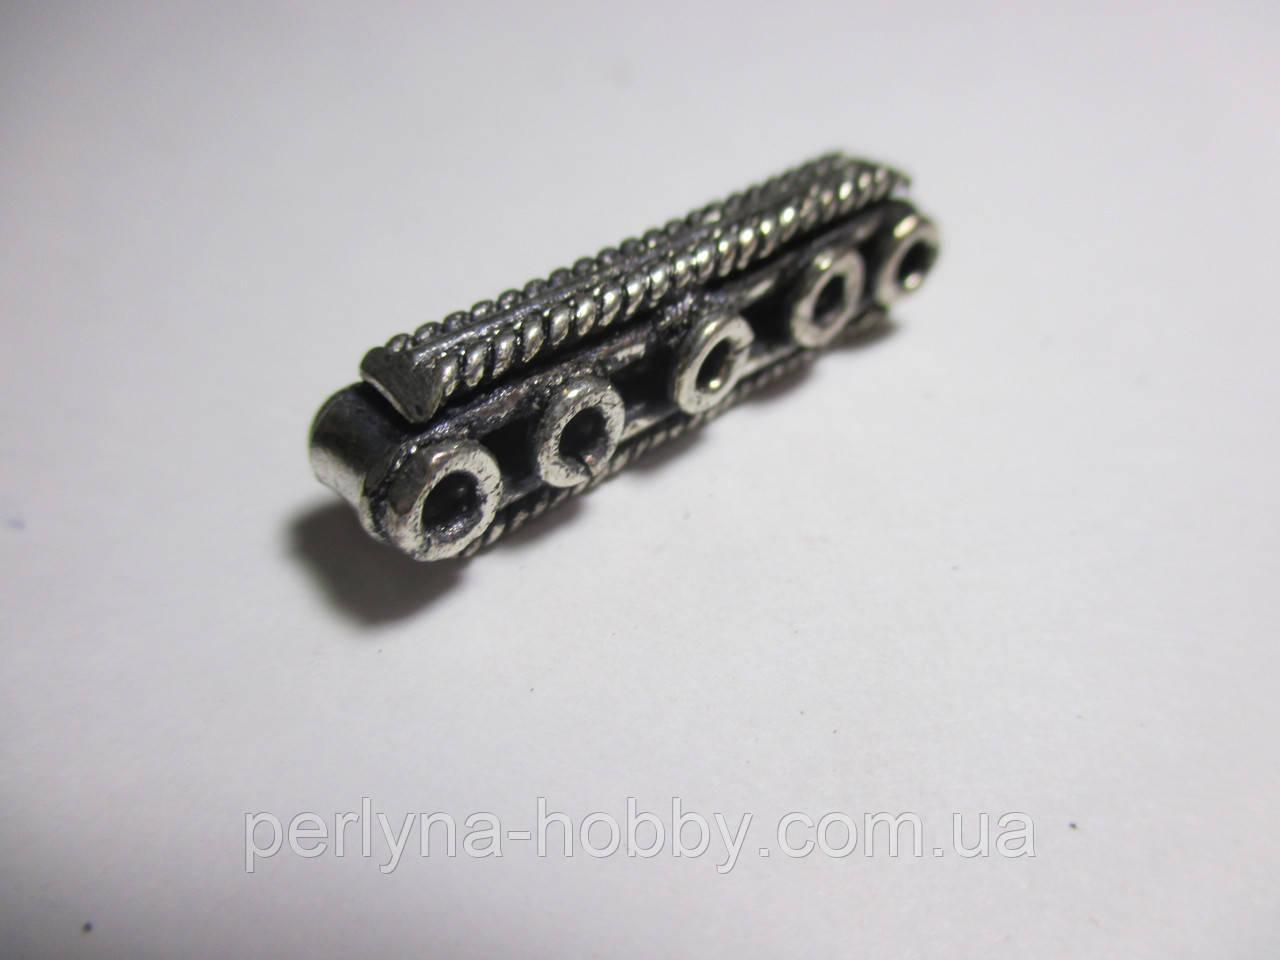 Конектор розділювач 5 отворів, литий метал античне срібло затемнене